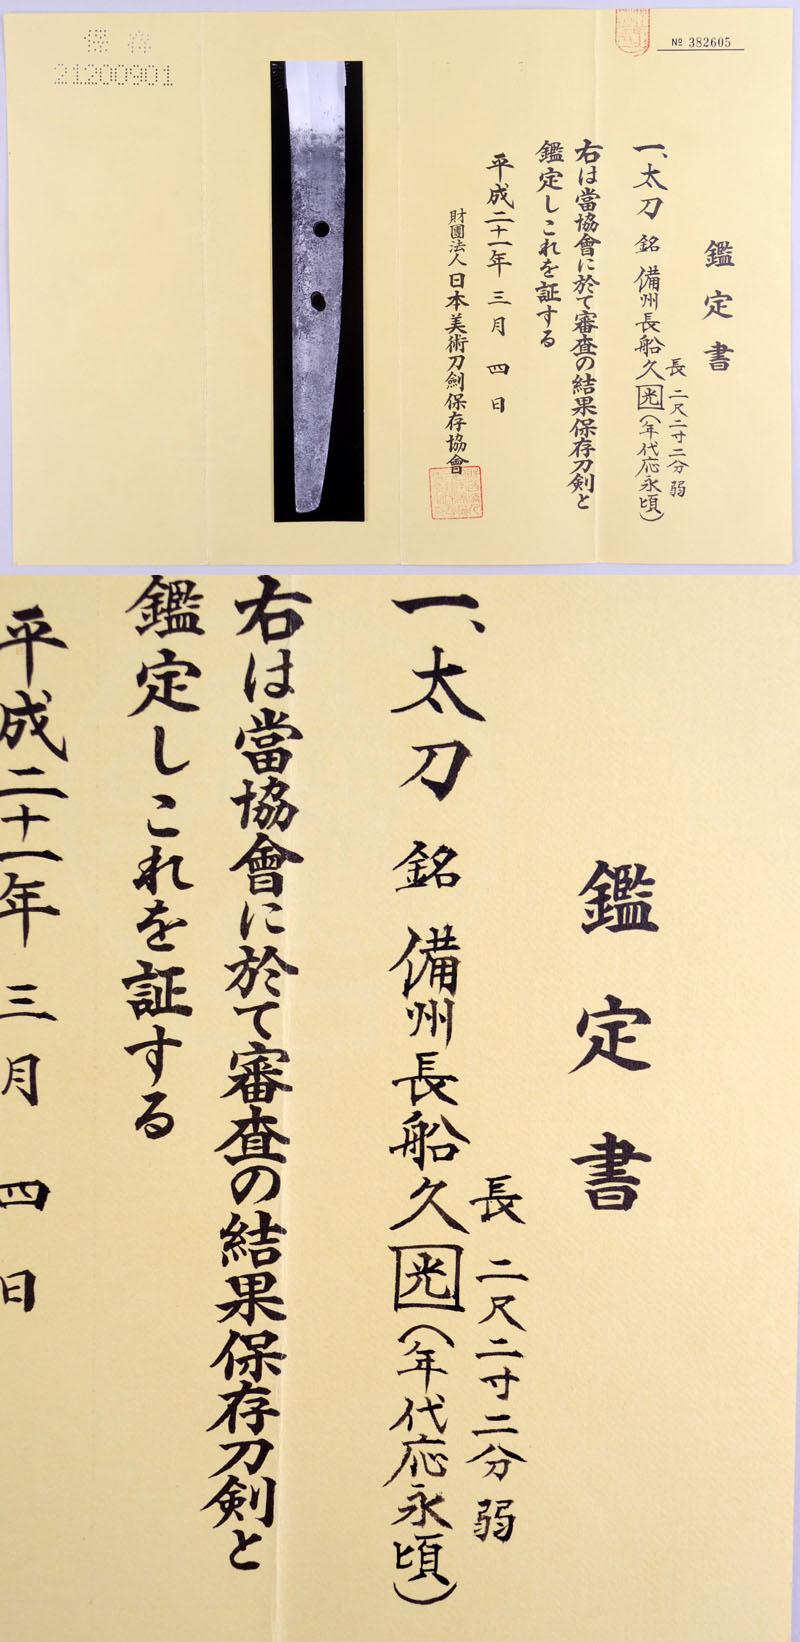 備州長船久光(年代応永頃)鑑定書画像